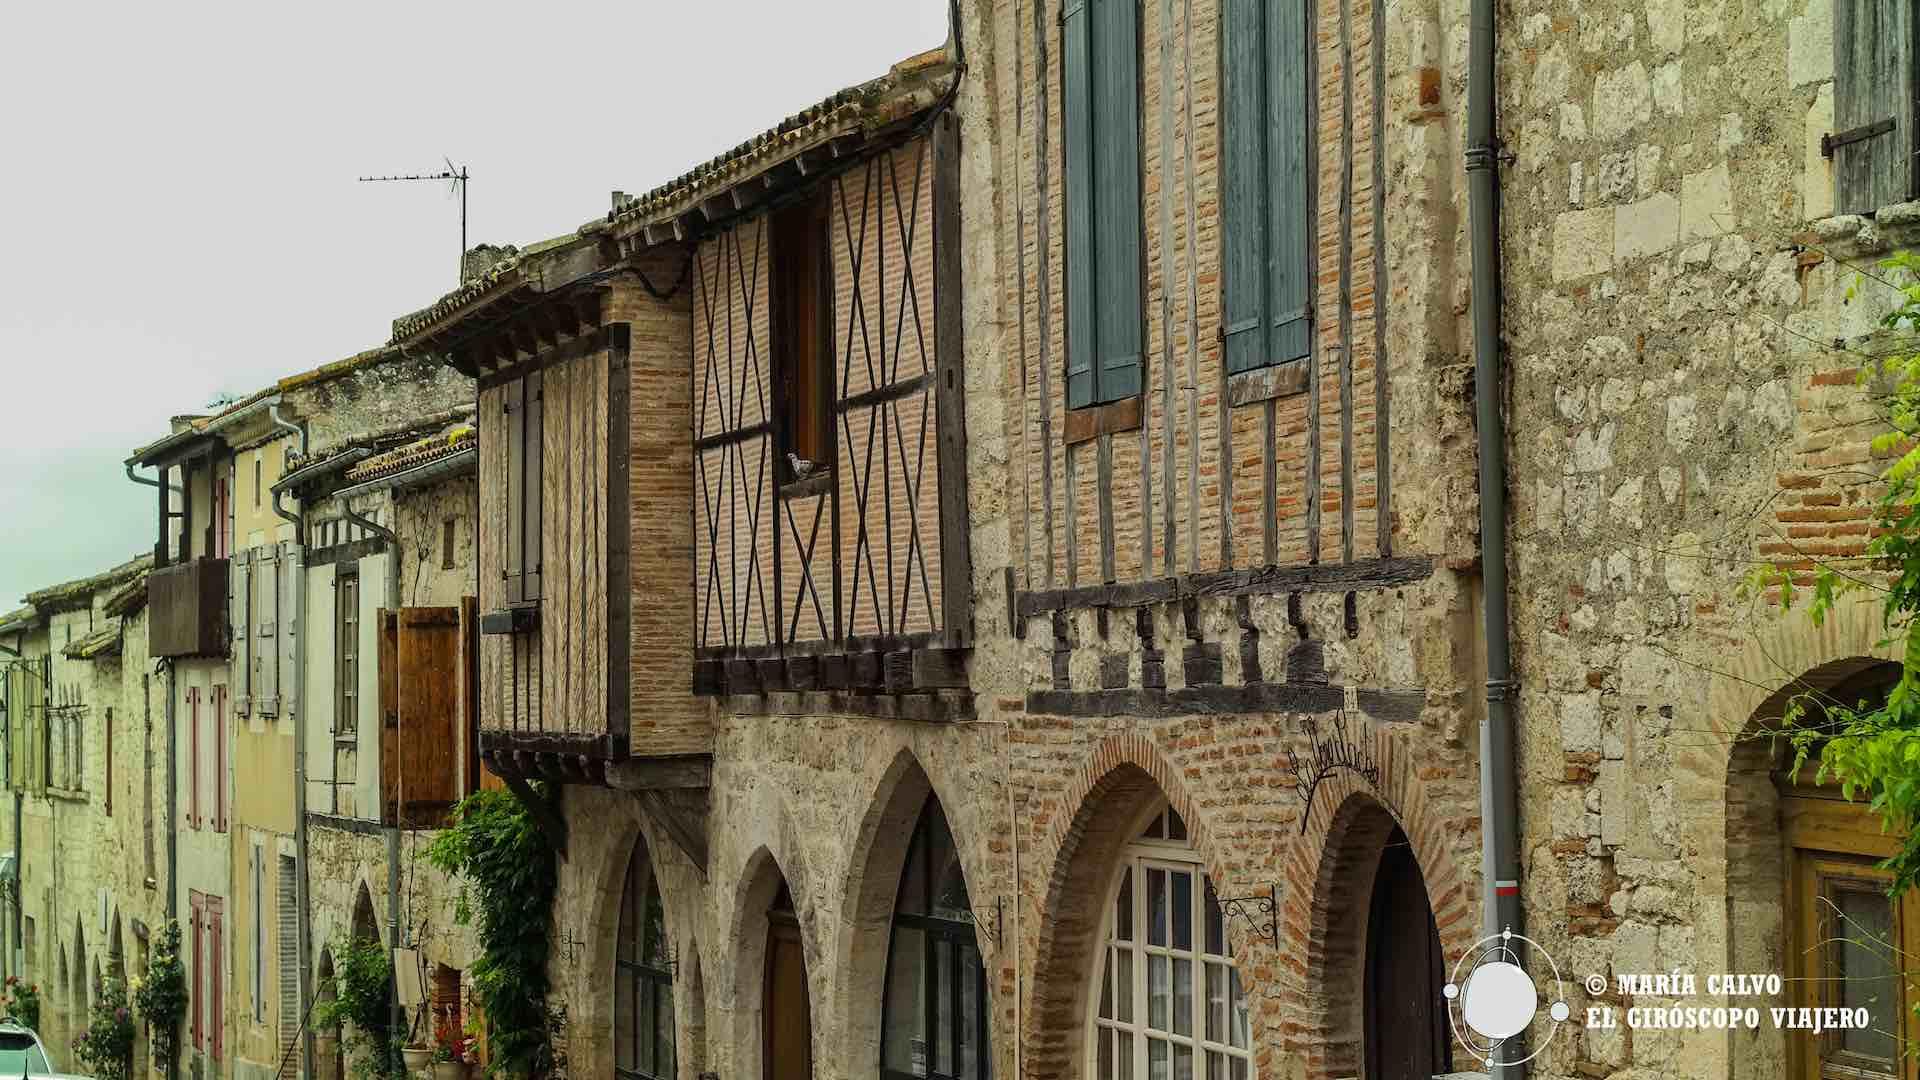 Casas de comerciantes de piedra blanca de los siglos XIII y XIV